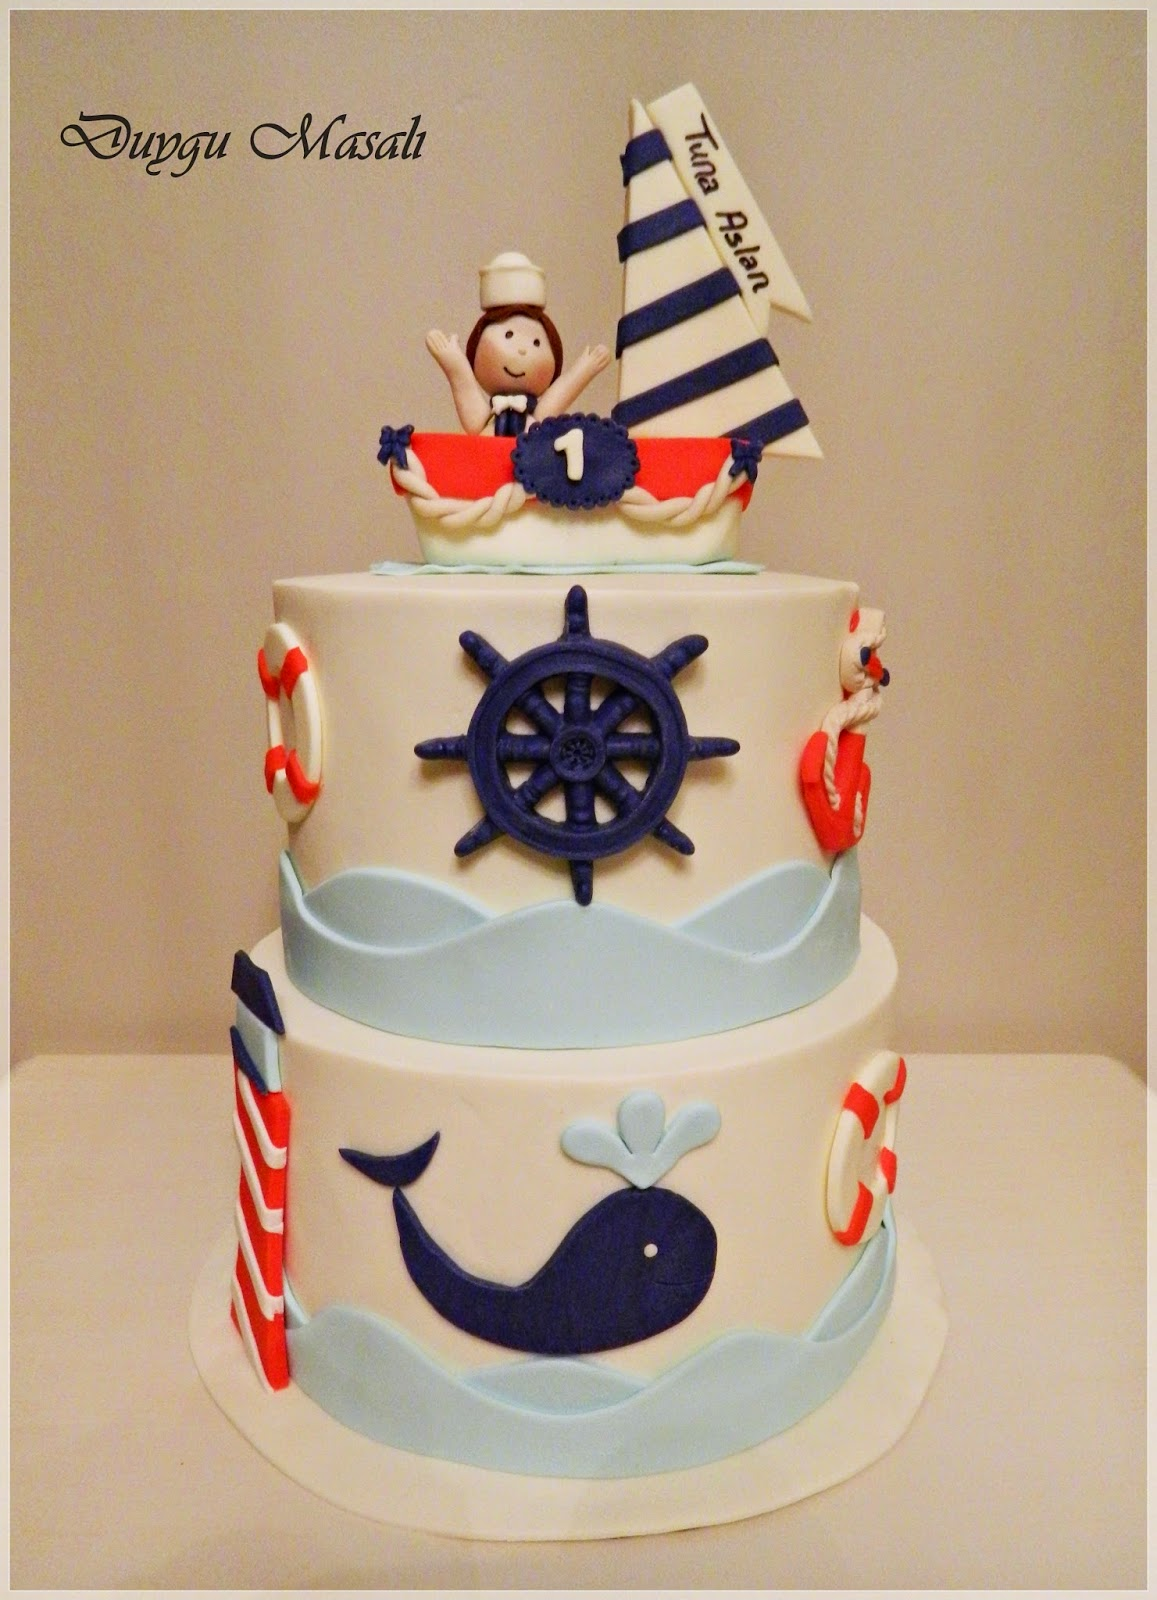 edirne denizci pasta